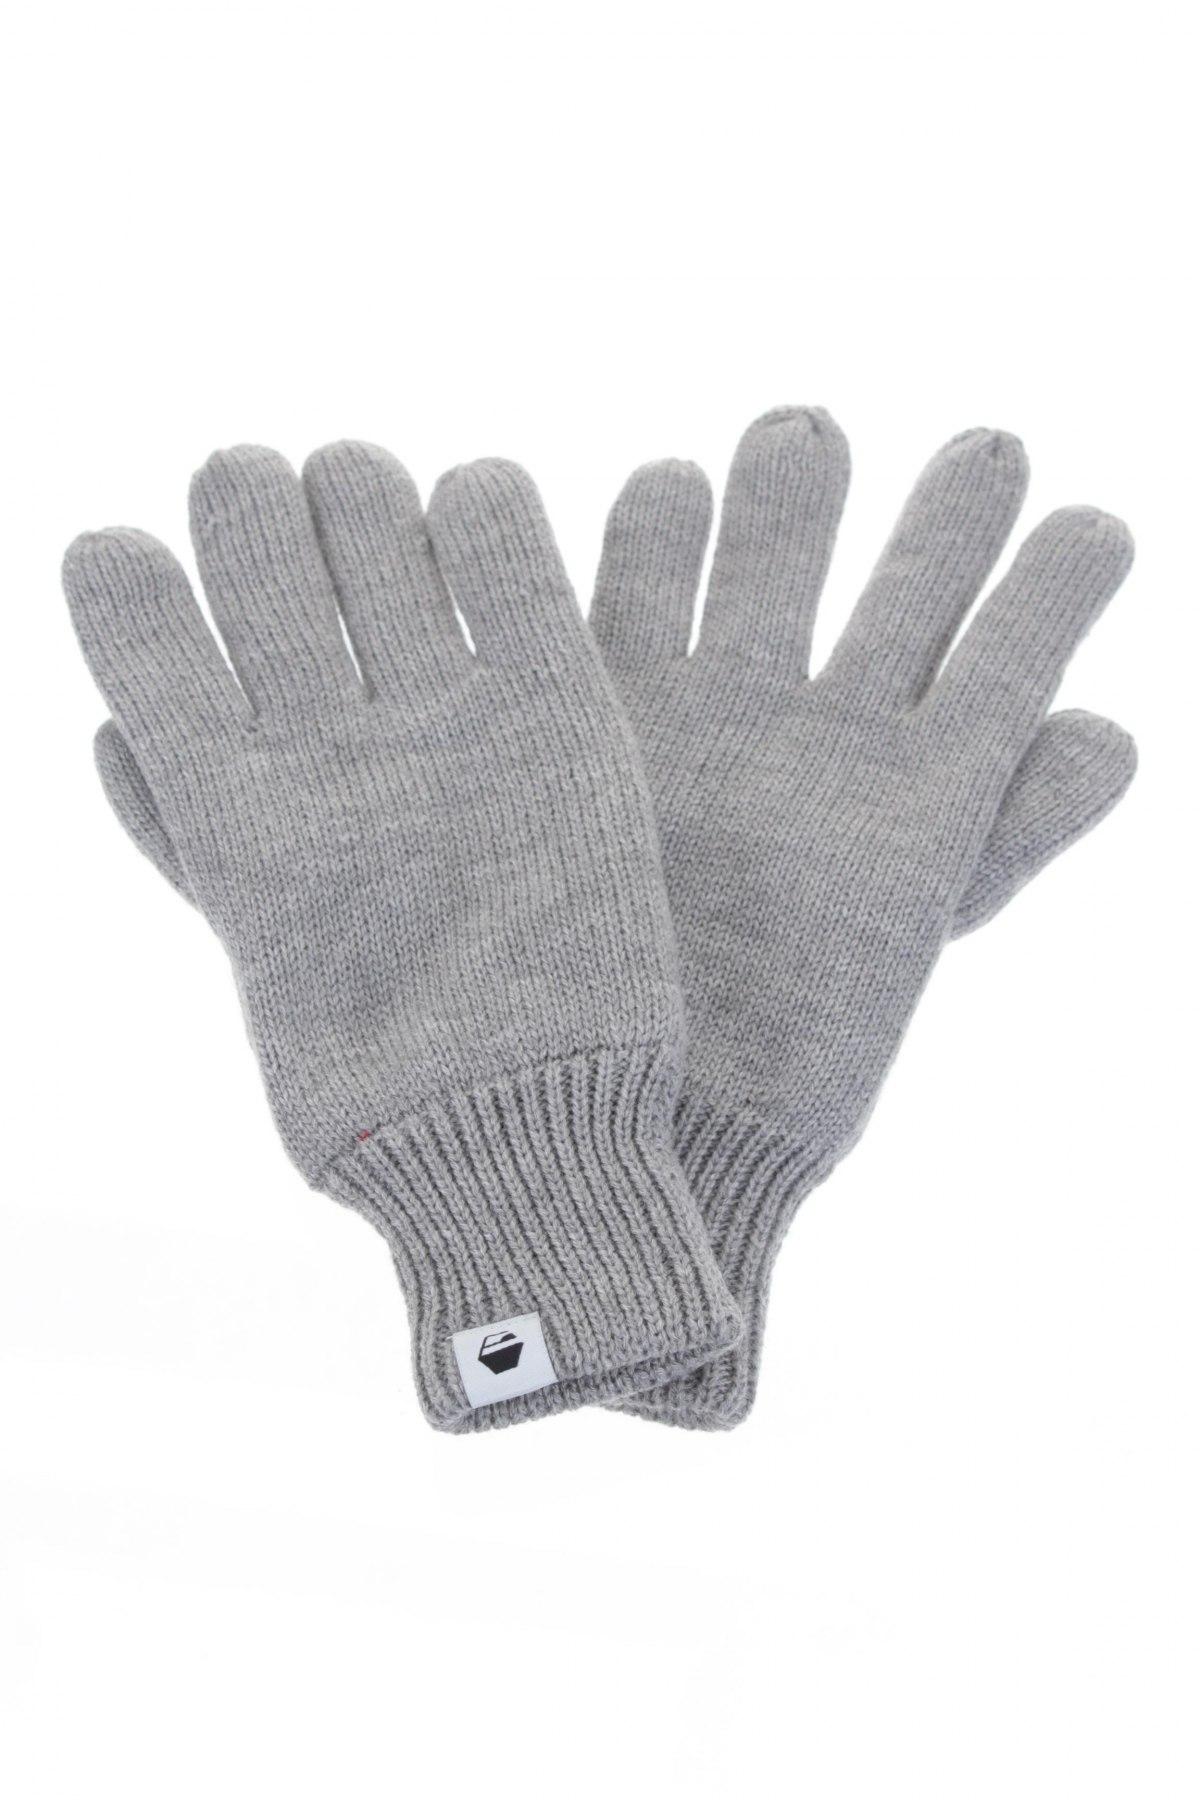 bdb97d6531497b Handschuhe Jack   Jones - günstig bei Remix -  8500386